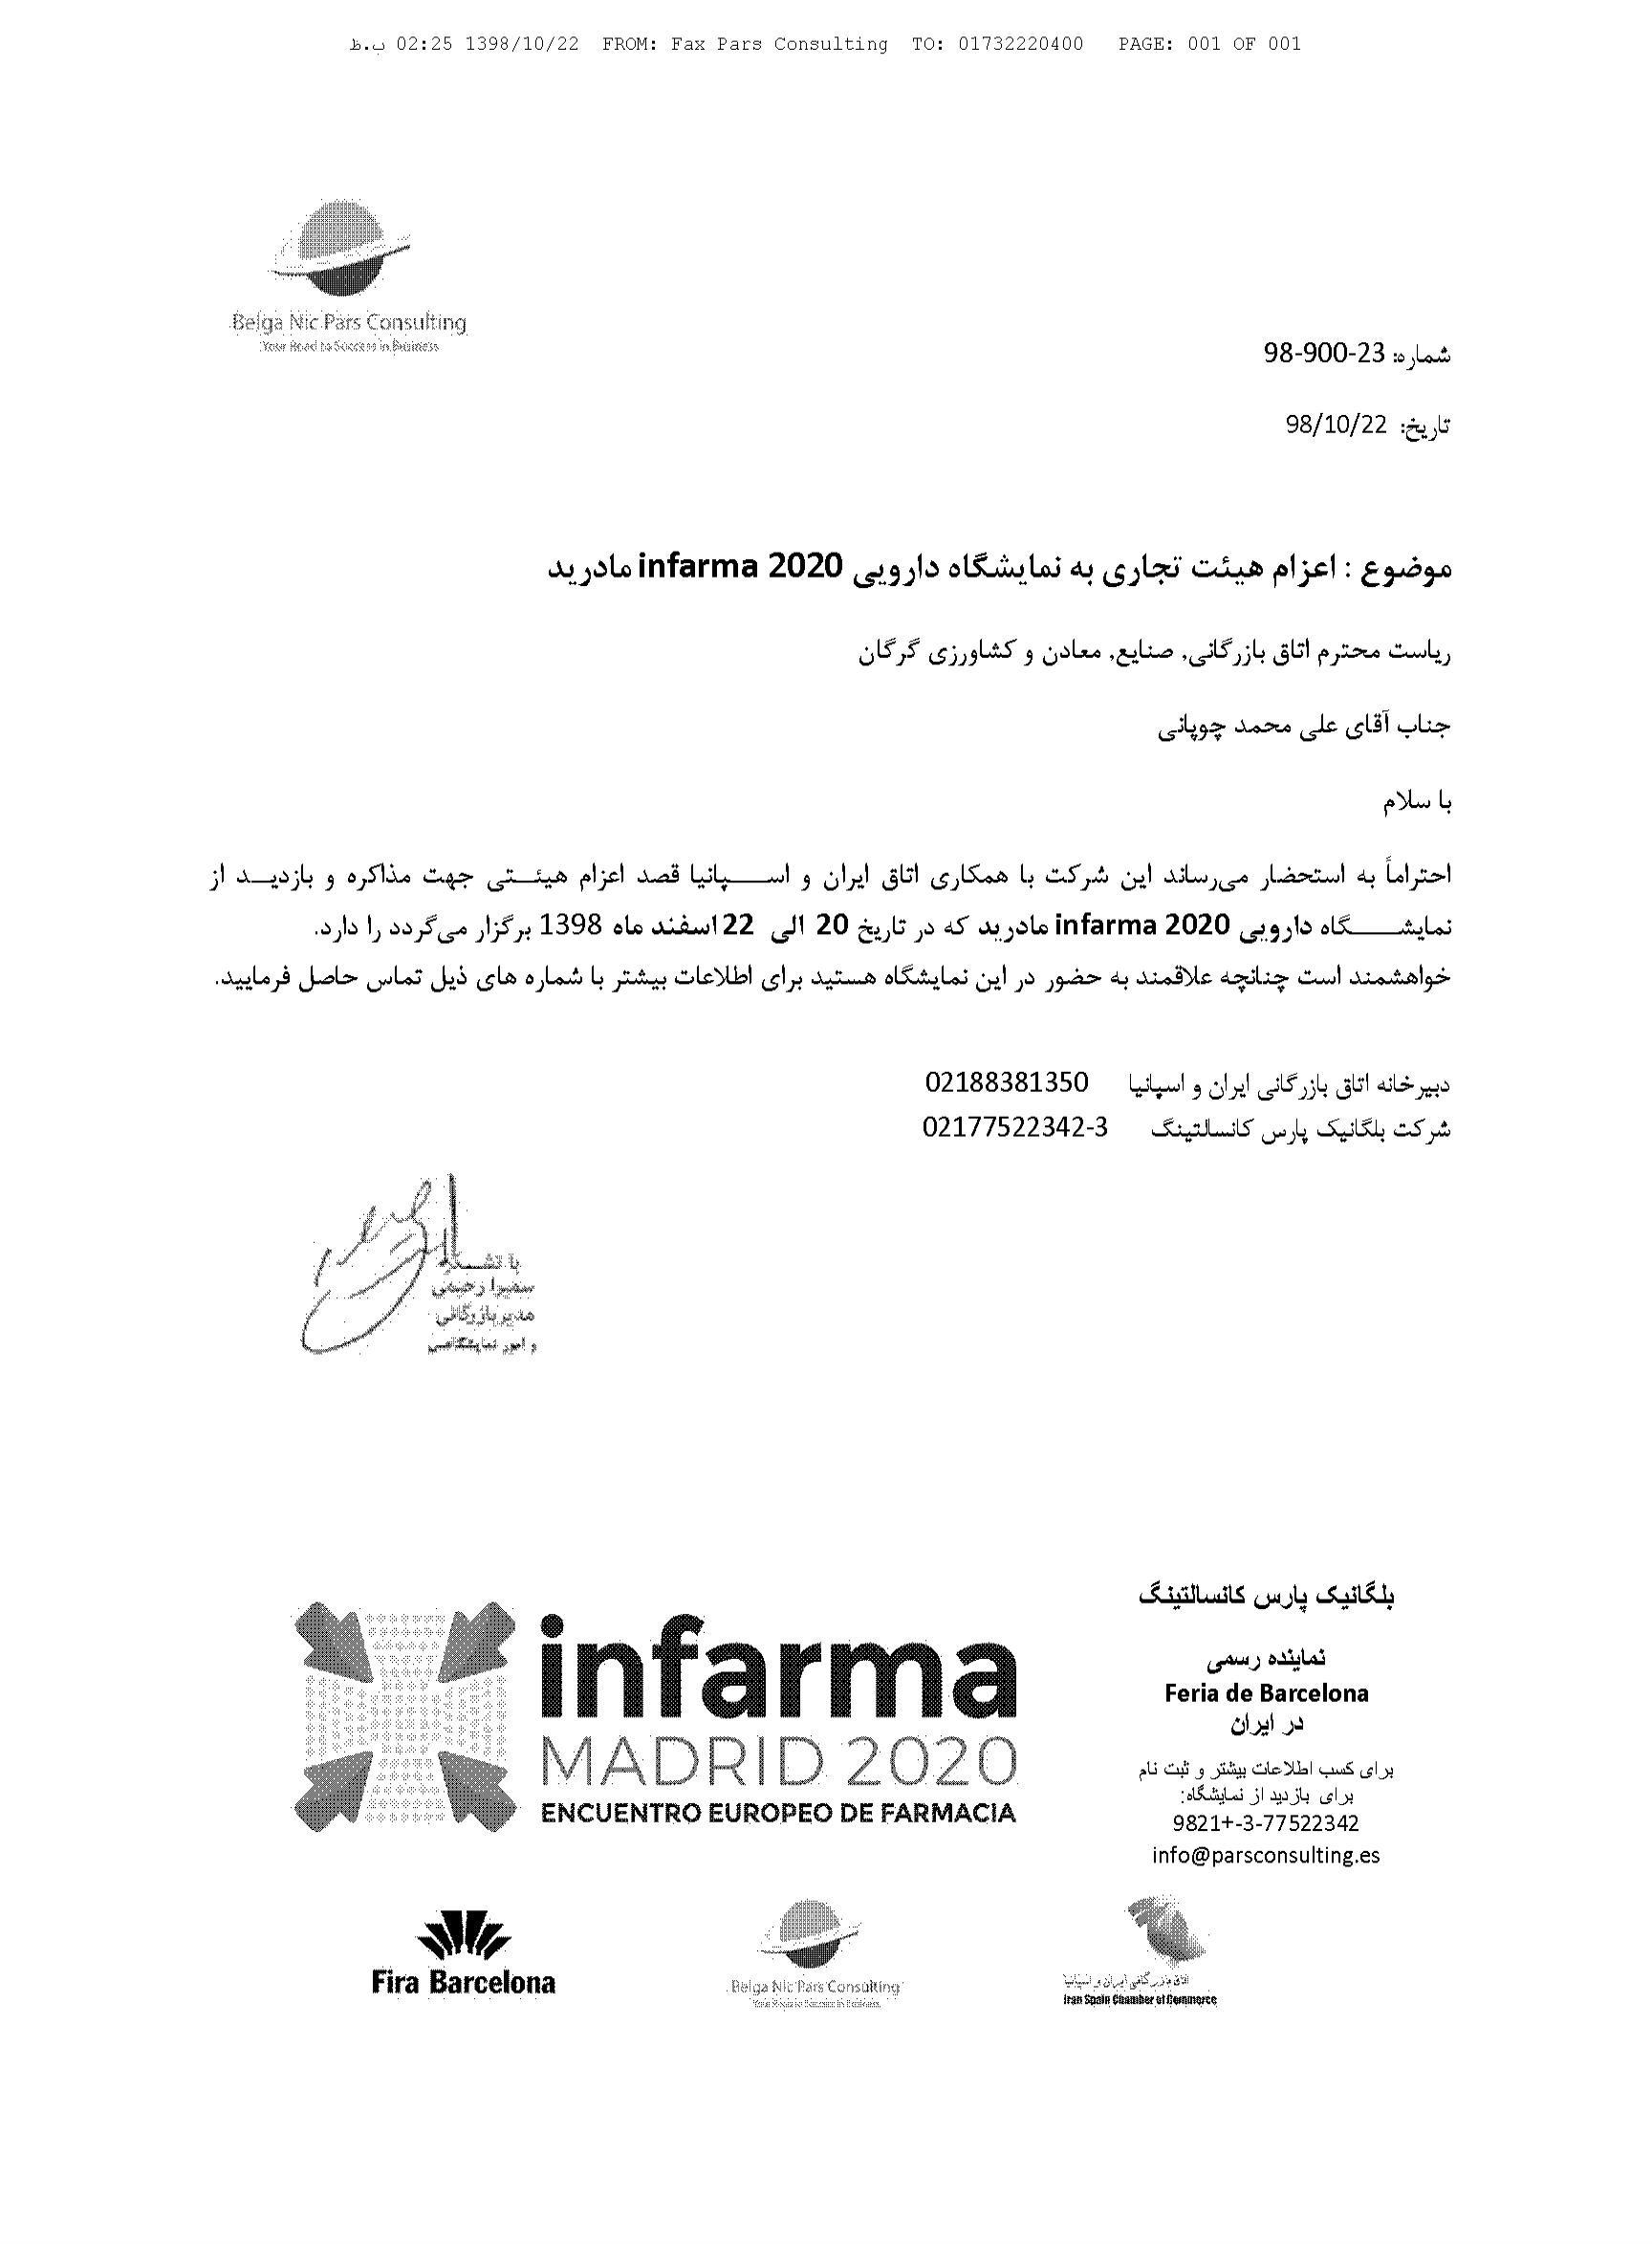 اعزام هیئت تجاری به نمایشگاه دارویی مادرید